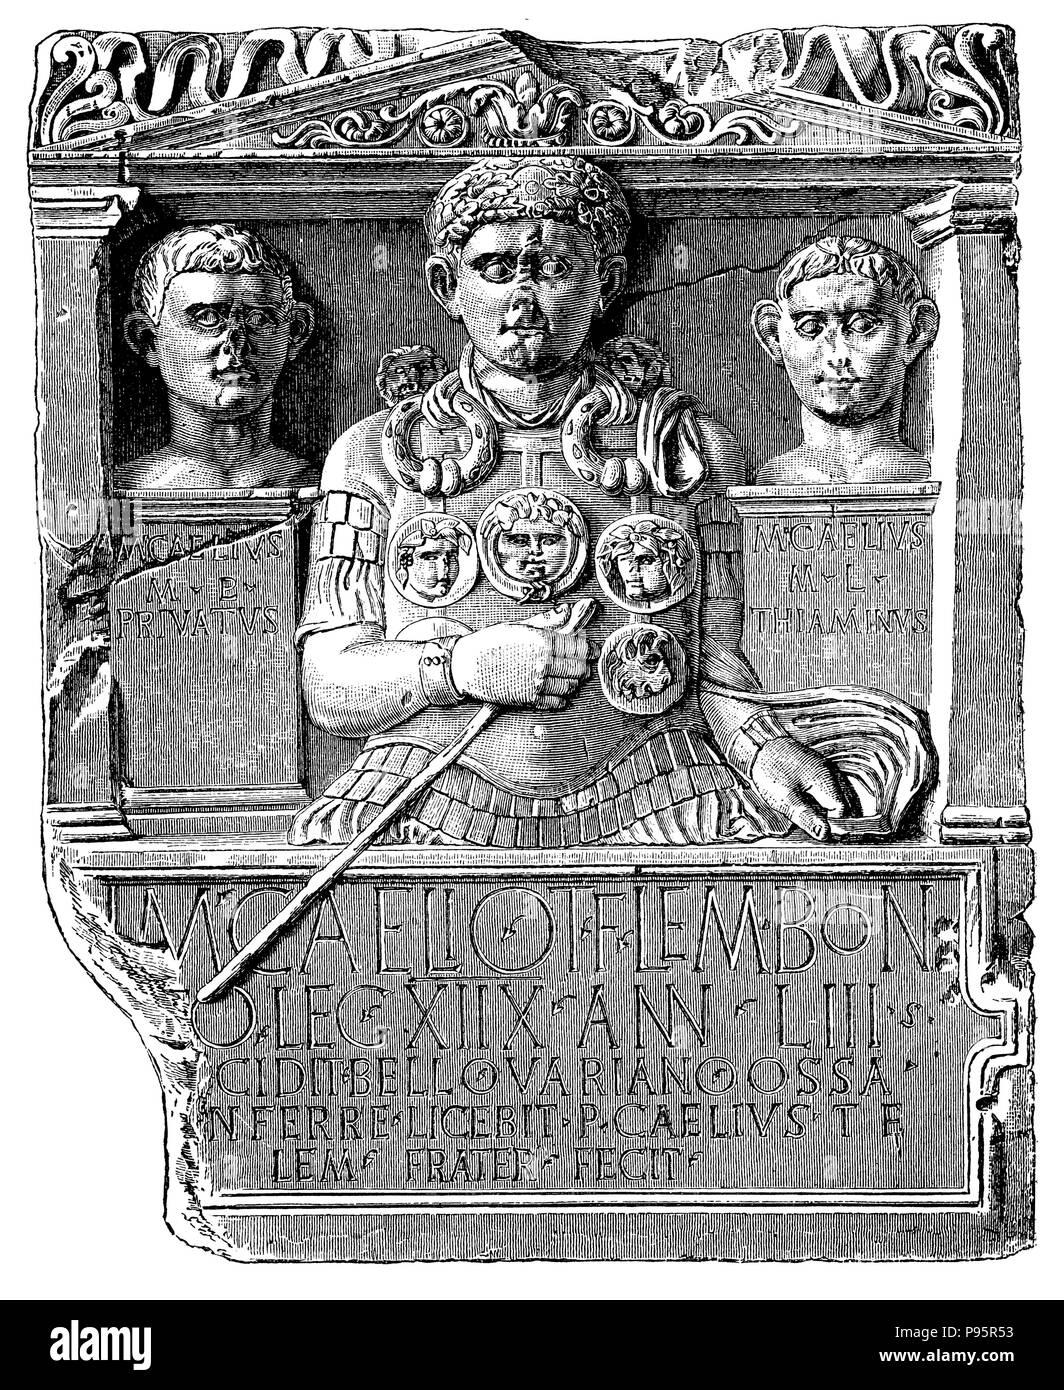 Memorial stone of Manius Caelius, fallen in Varus battle,   1899 - Stock Image